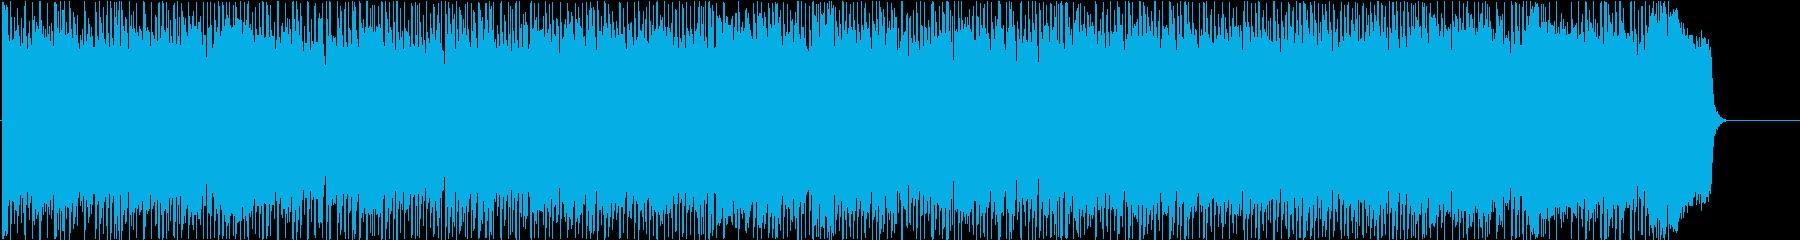 情報 CM ディスコ 躍動 楽しいの再生済みの波形